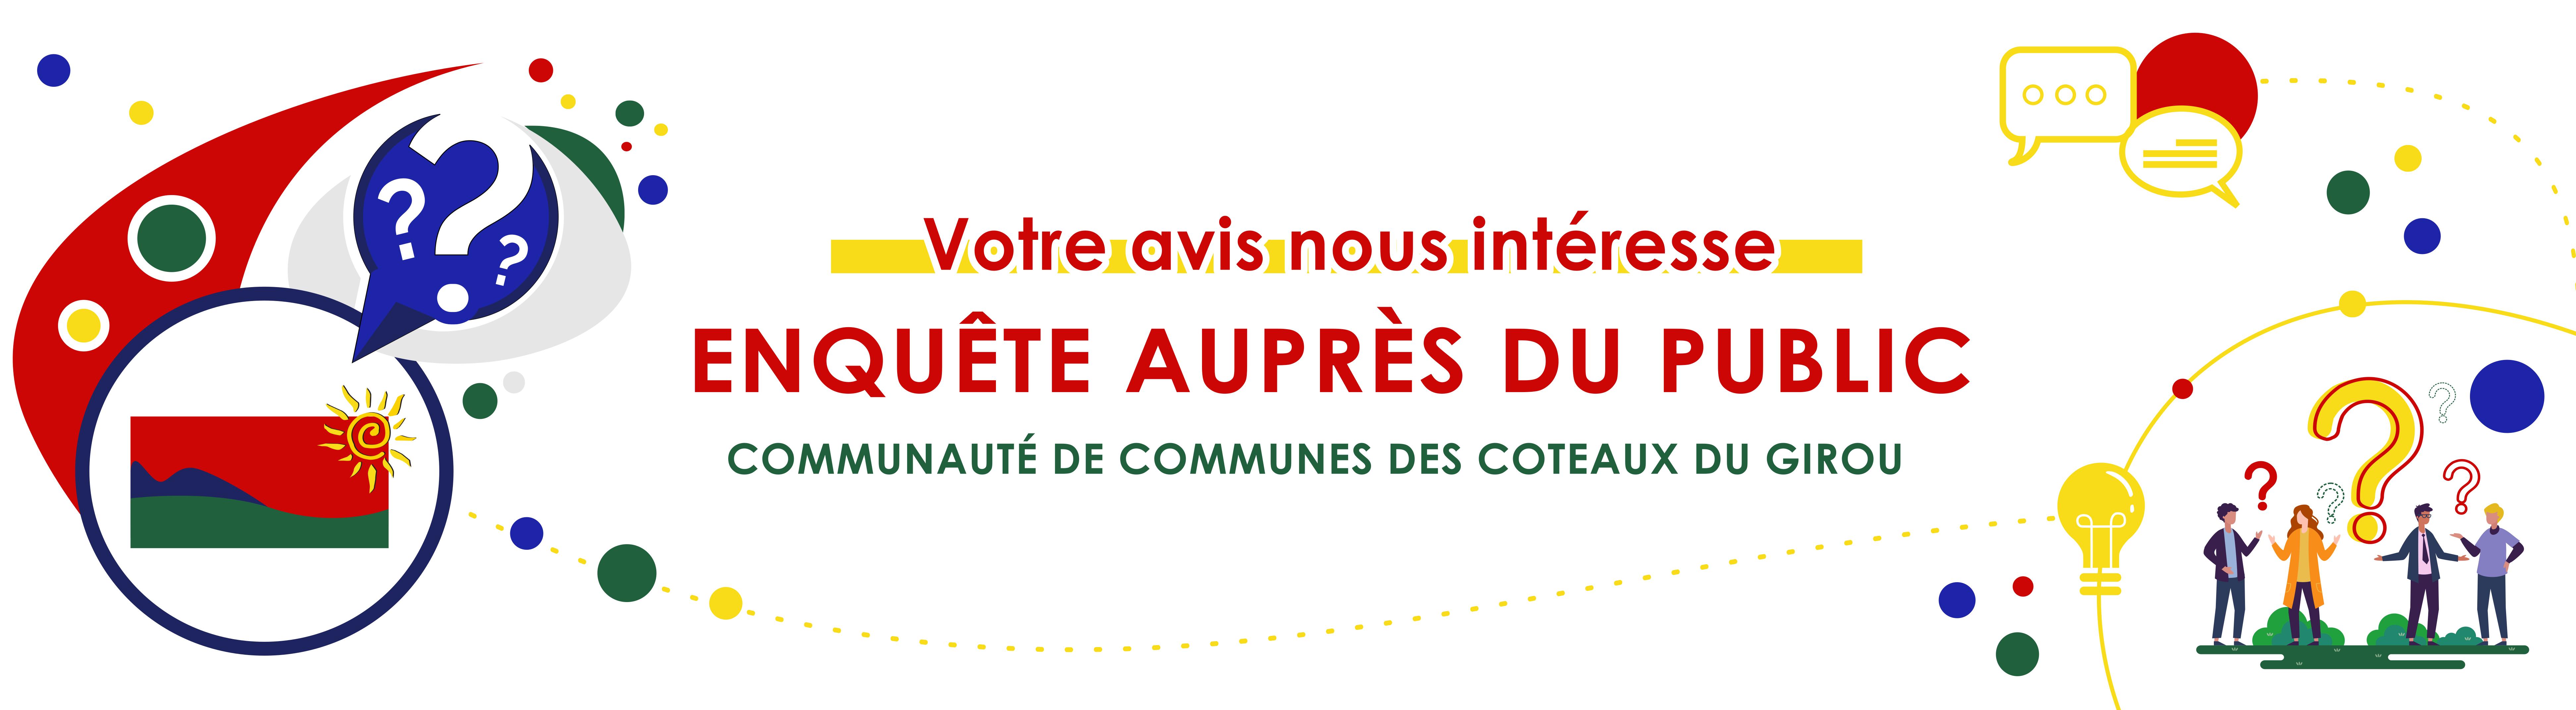 Votre avis nous intéresse, enquête auprès du public, Communauté de Communes des Coteaux du Girou